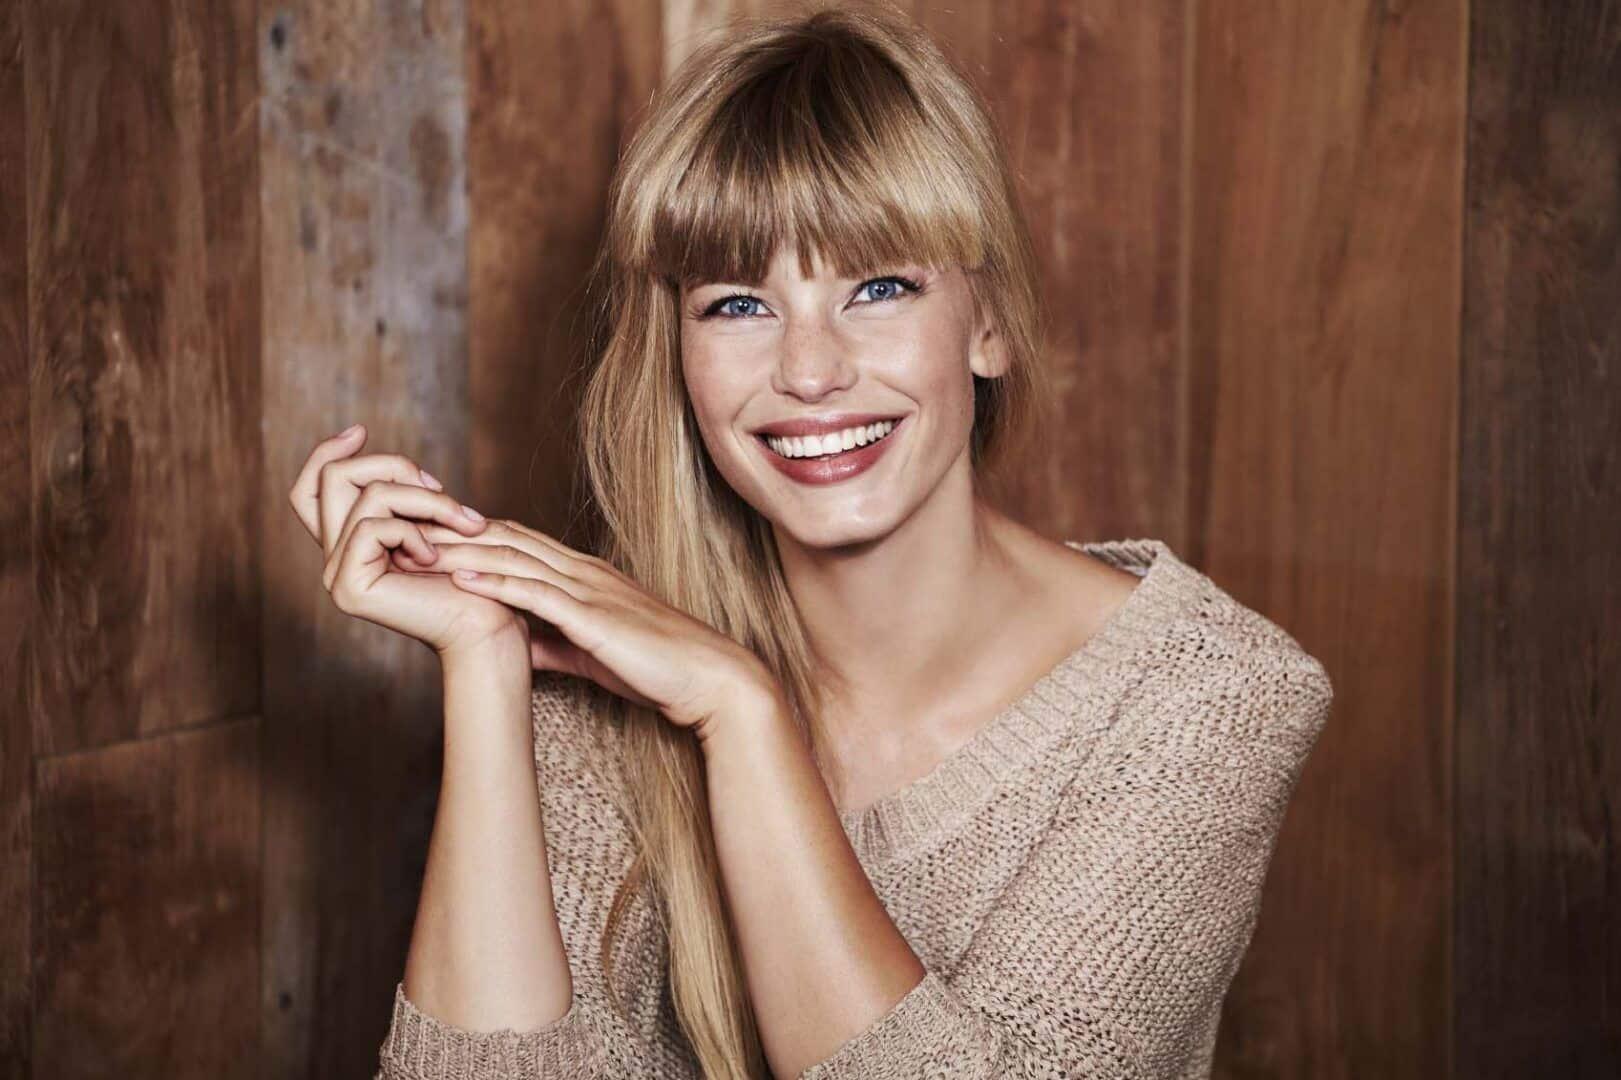 Mulheres francesas — Culturas, comportamento e segredos de beleza